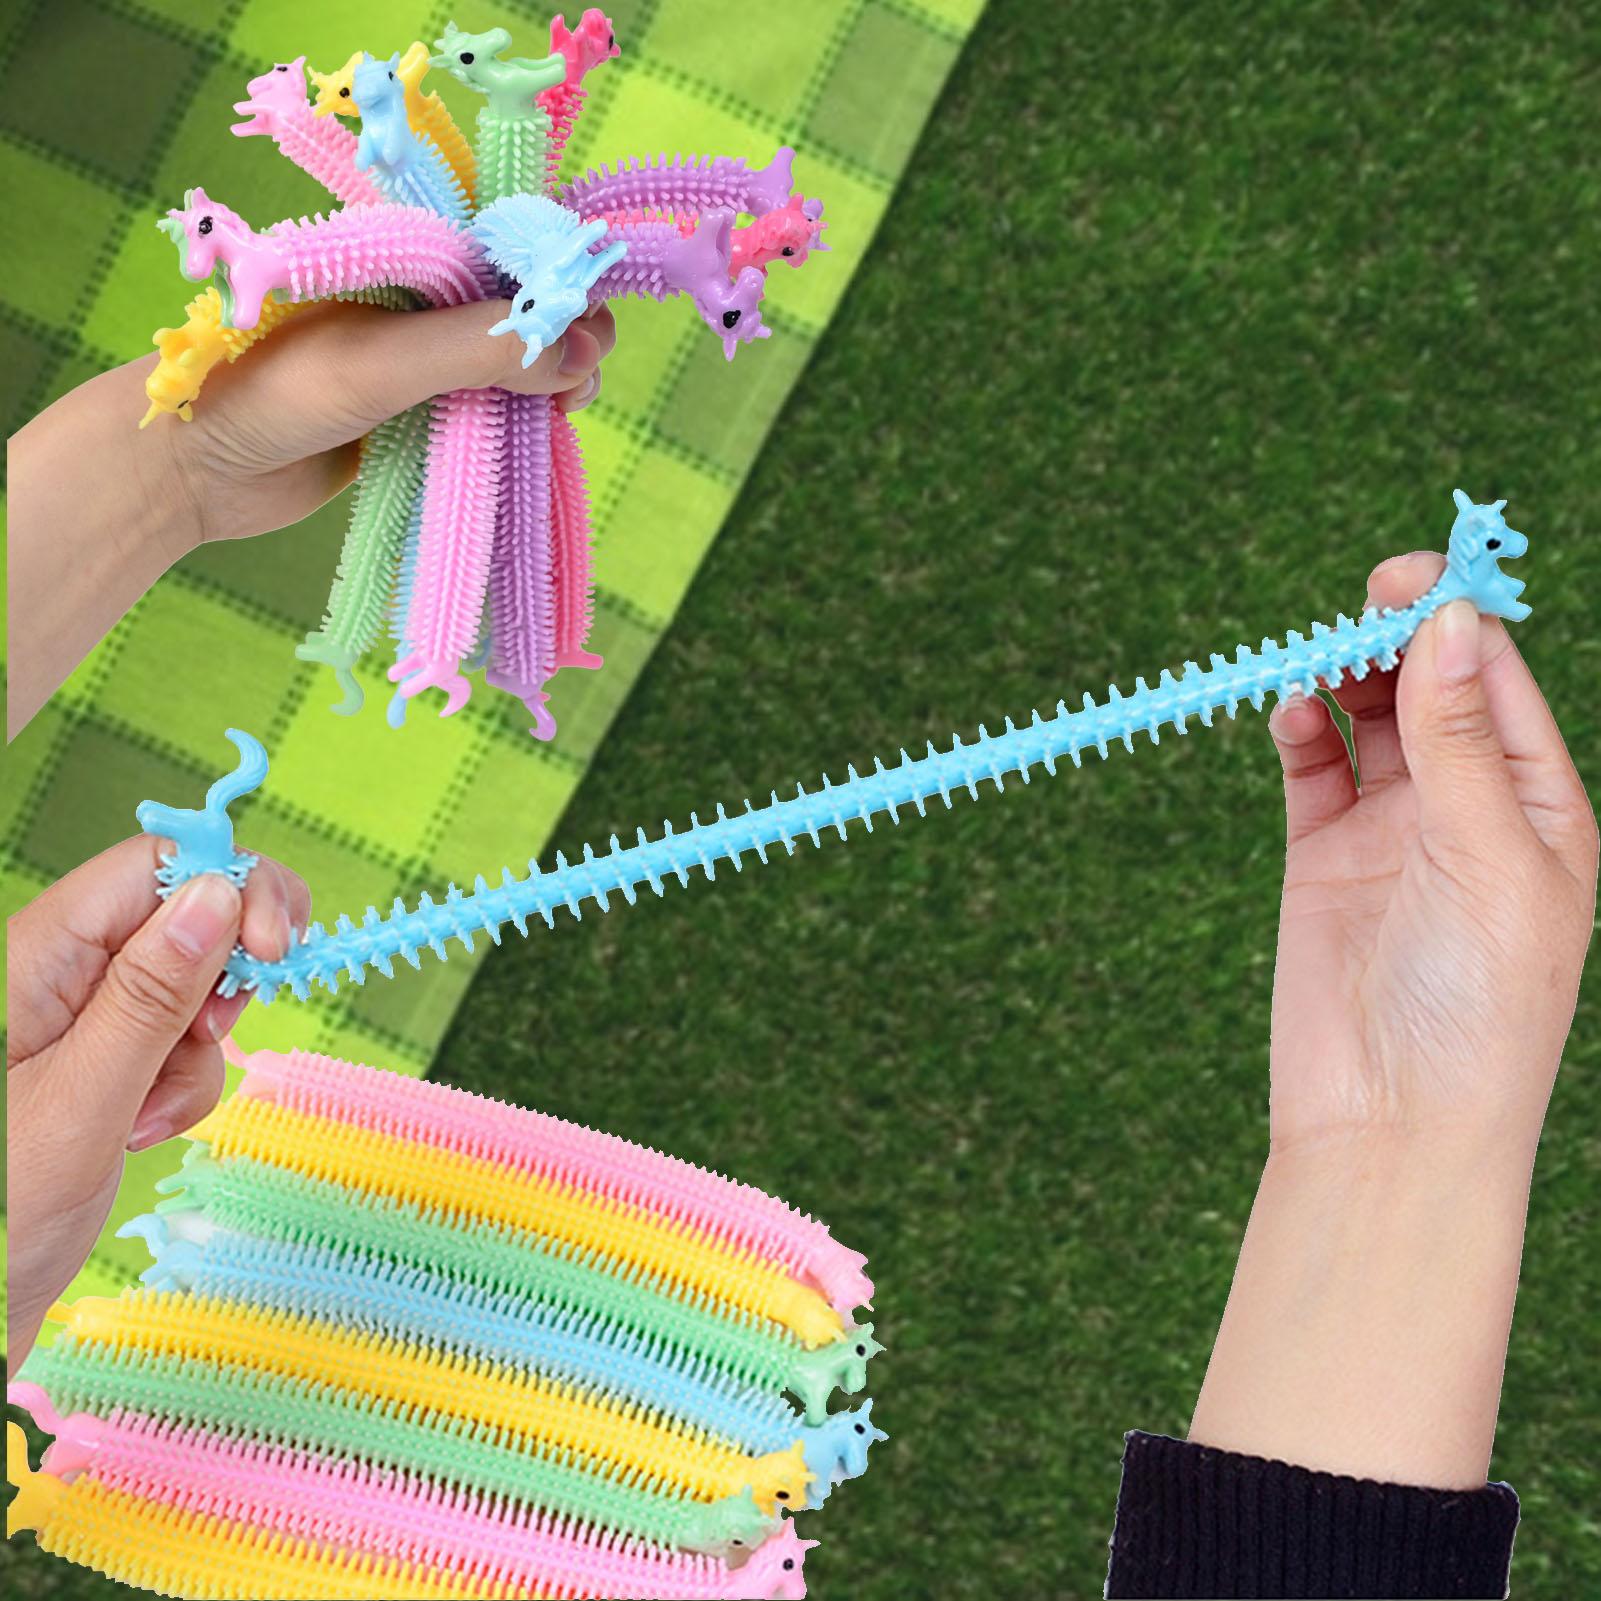 monkey noodle unicorn elastic rope stretchy fidget toy 2564 - Wacky Track